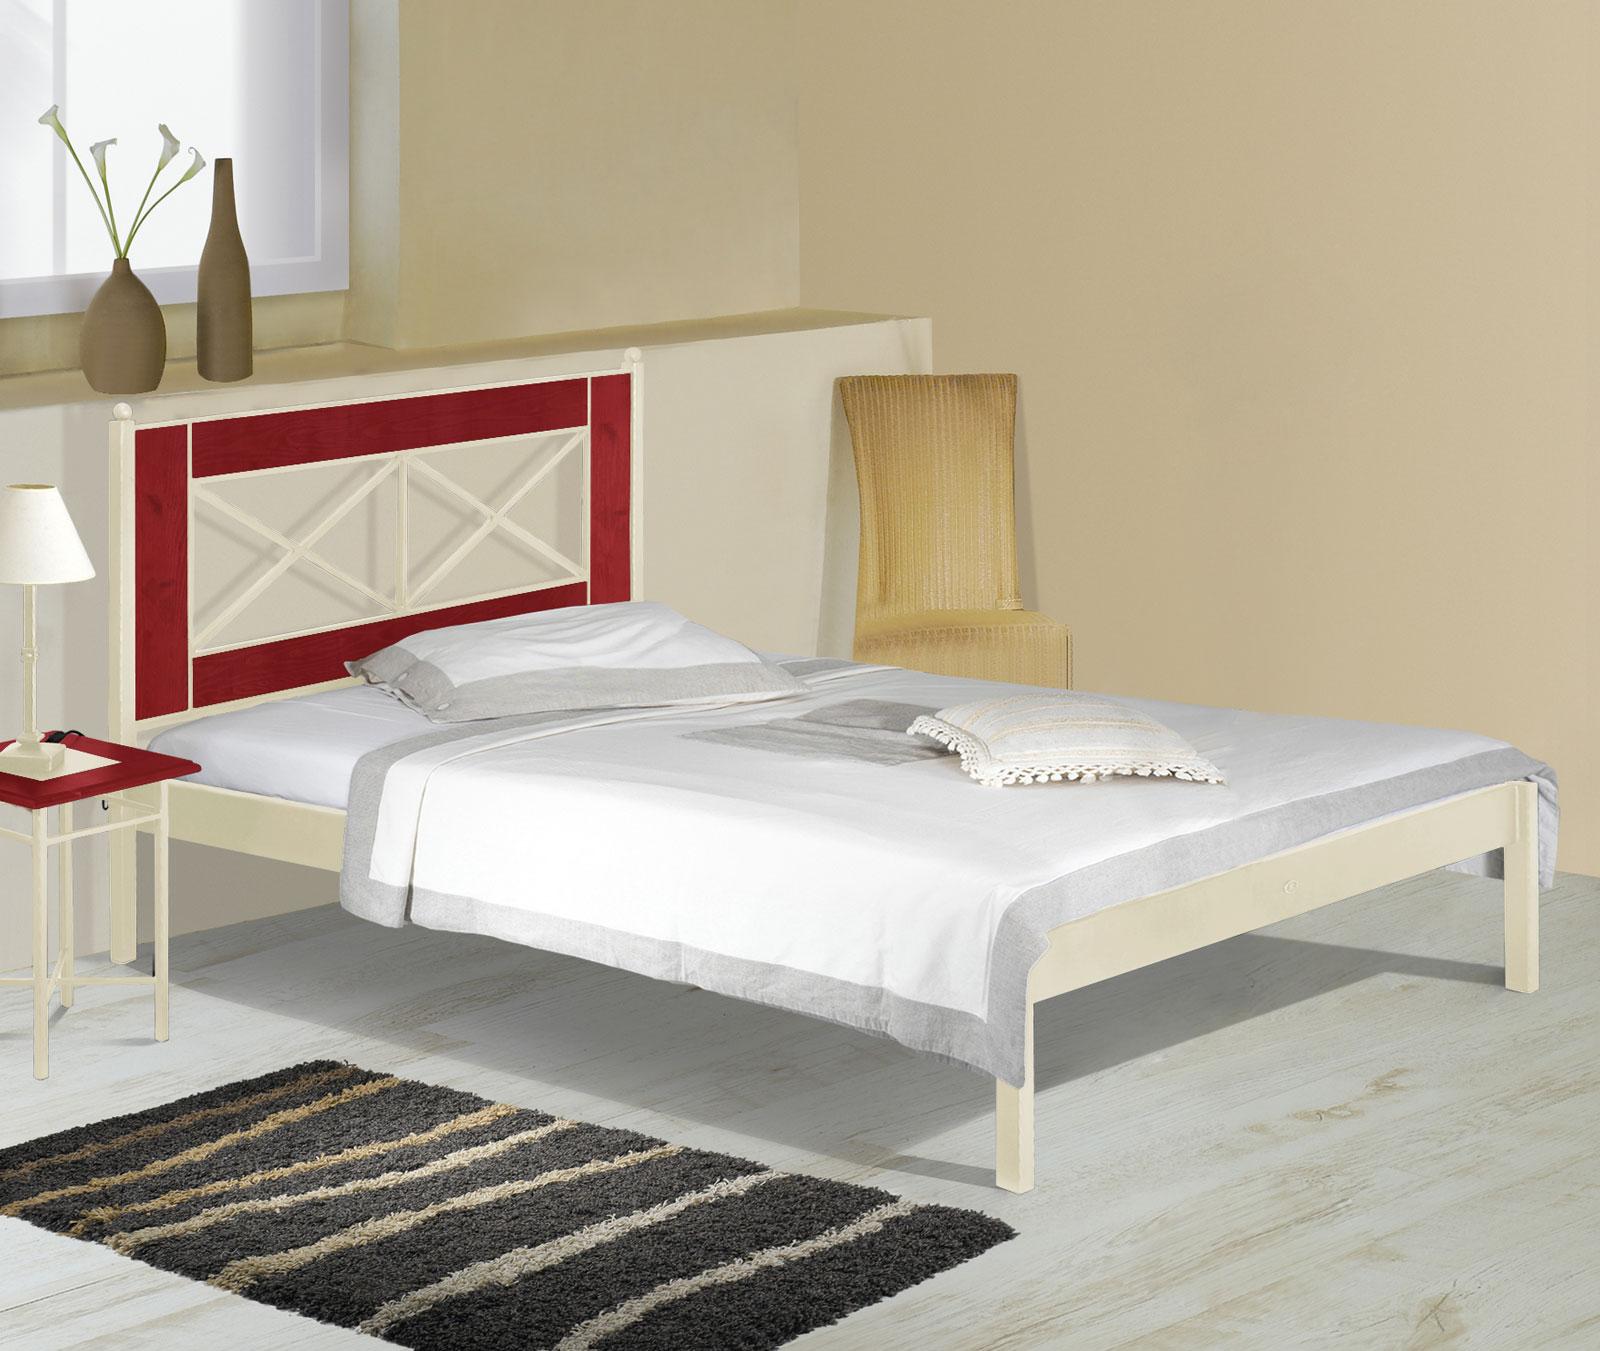 Komfortbett aus Metall und Eiche in 180x200 - Pintana